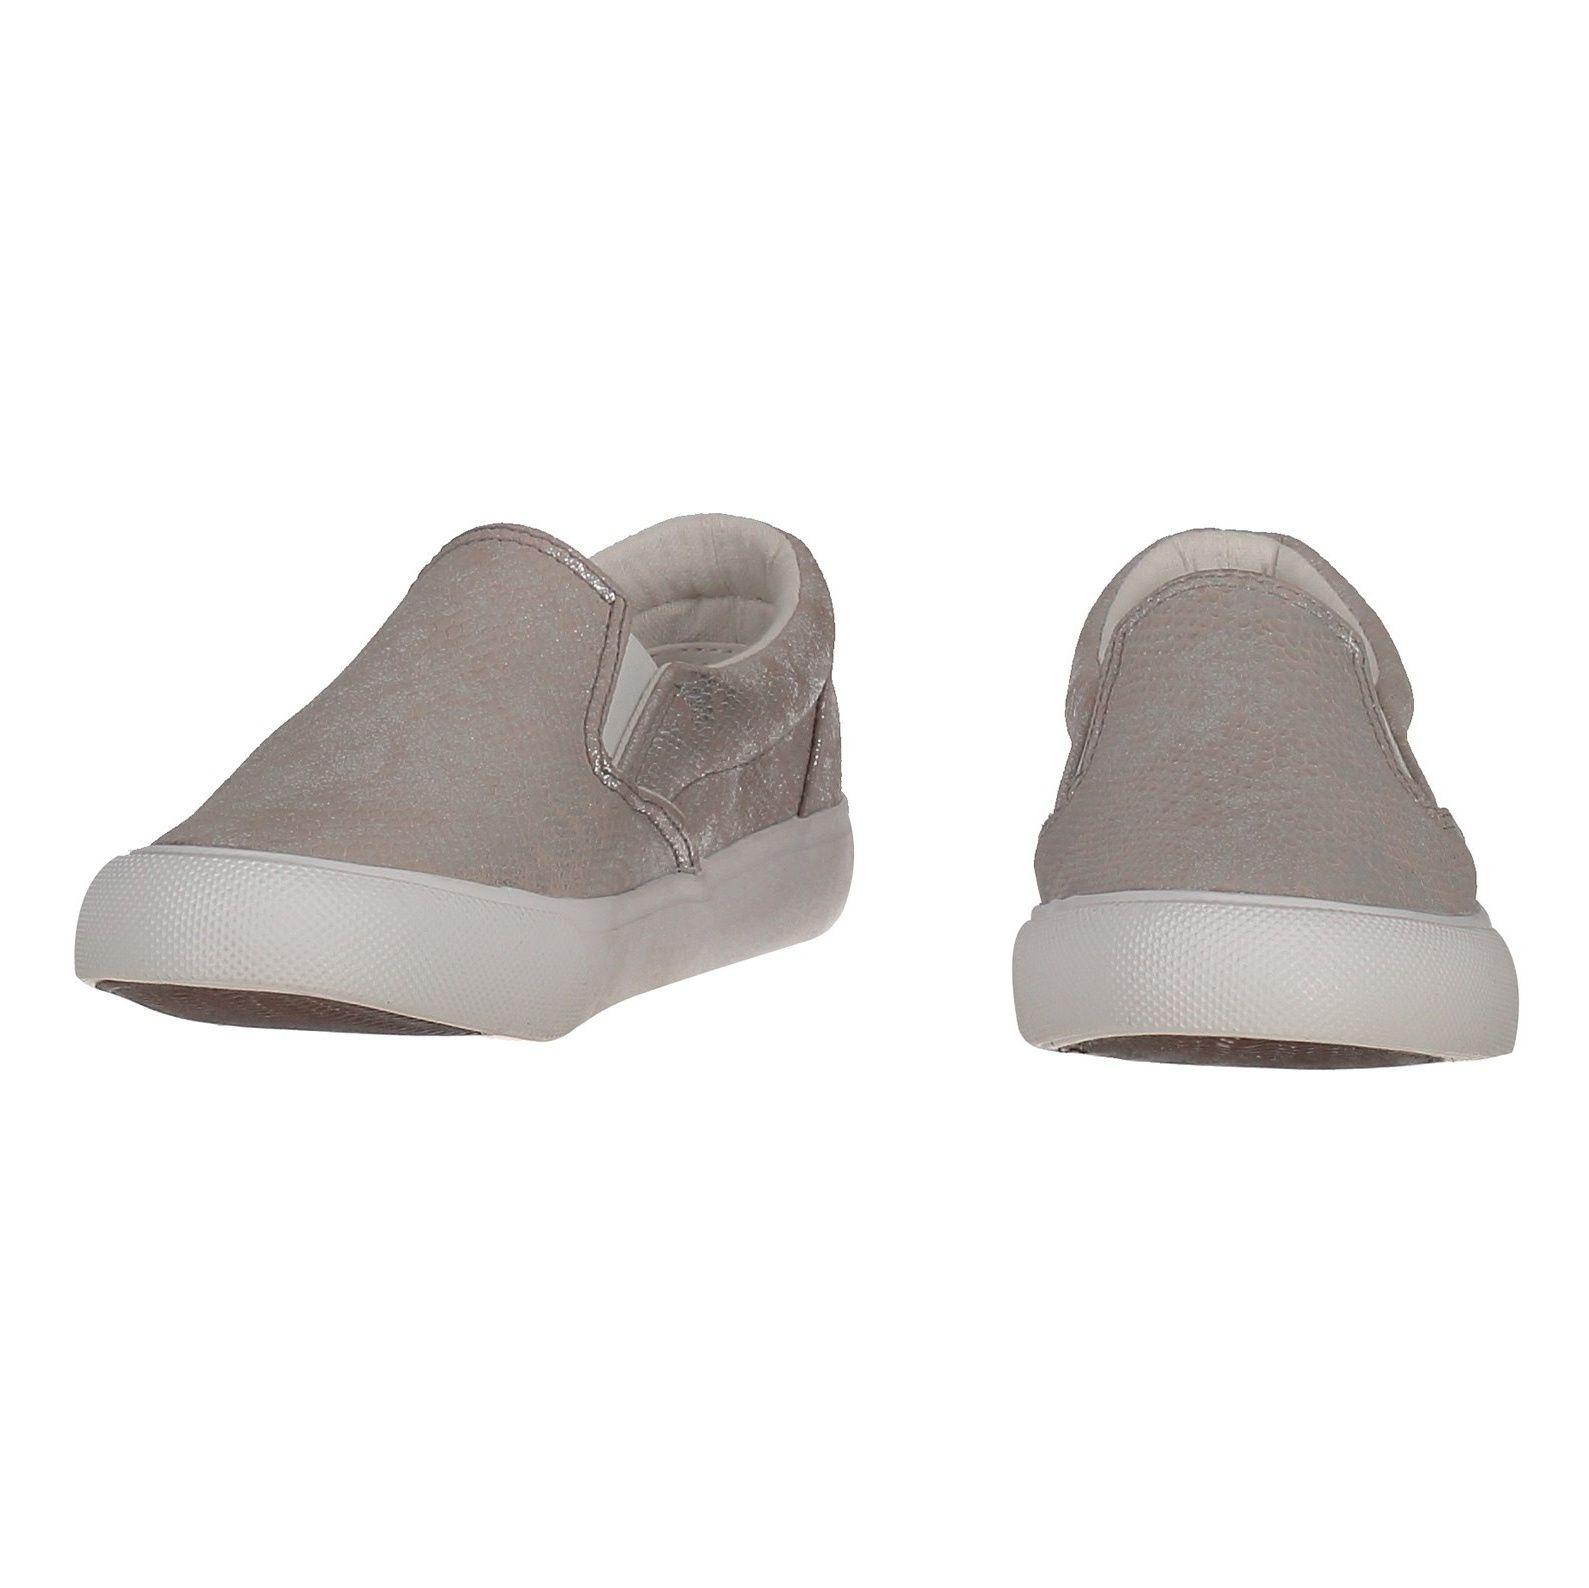 کفش تخت پارچه ای زنانه - نیو لوک - نقره اي - 4